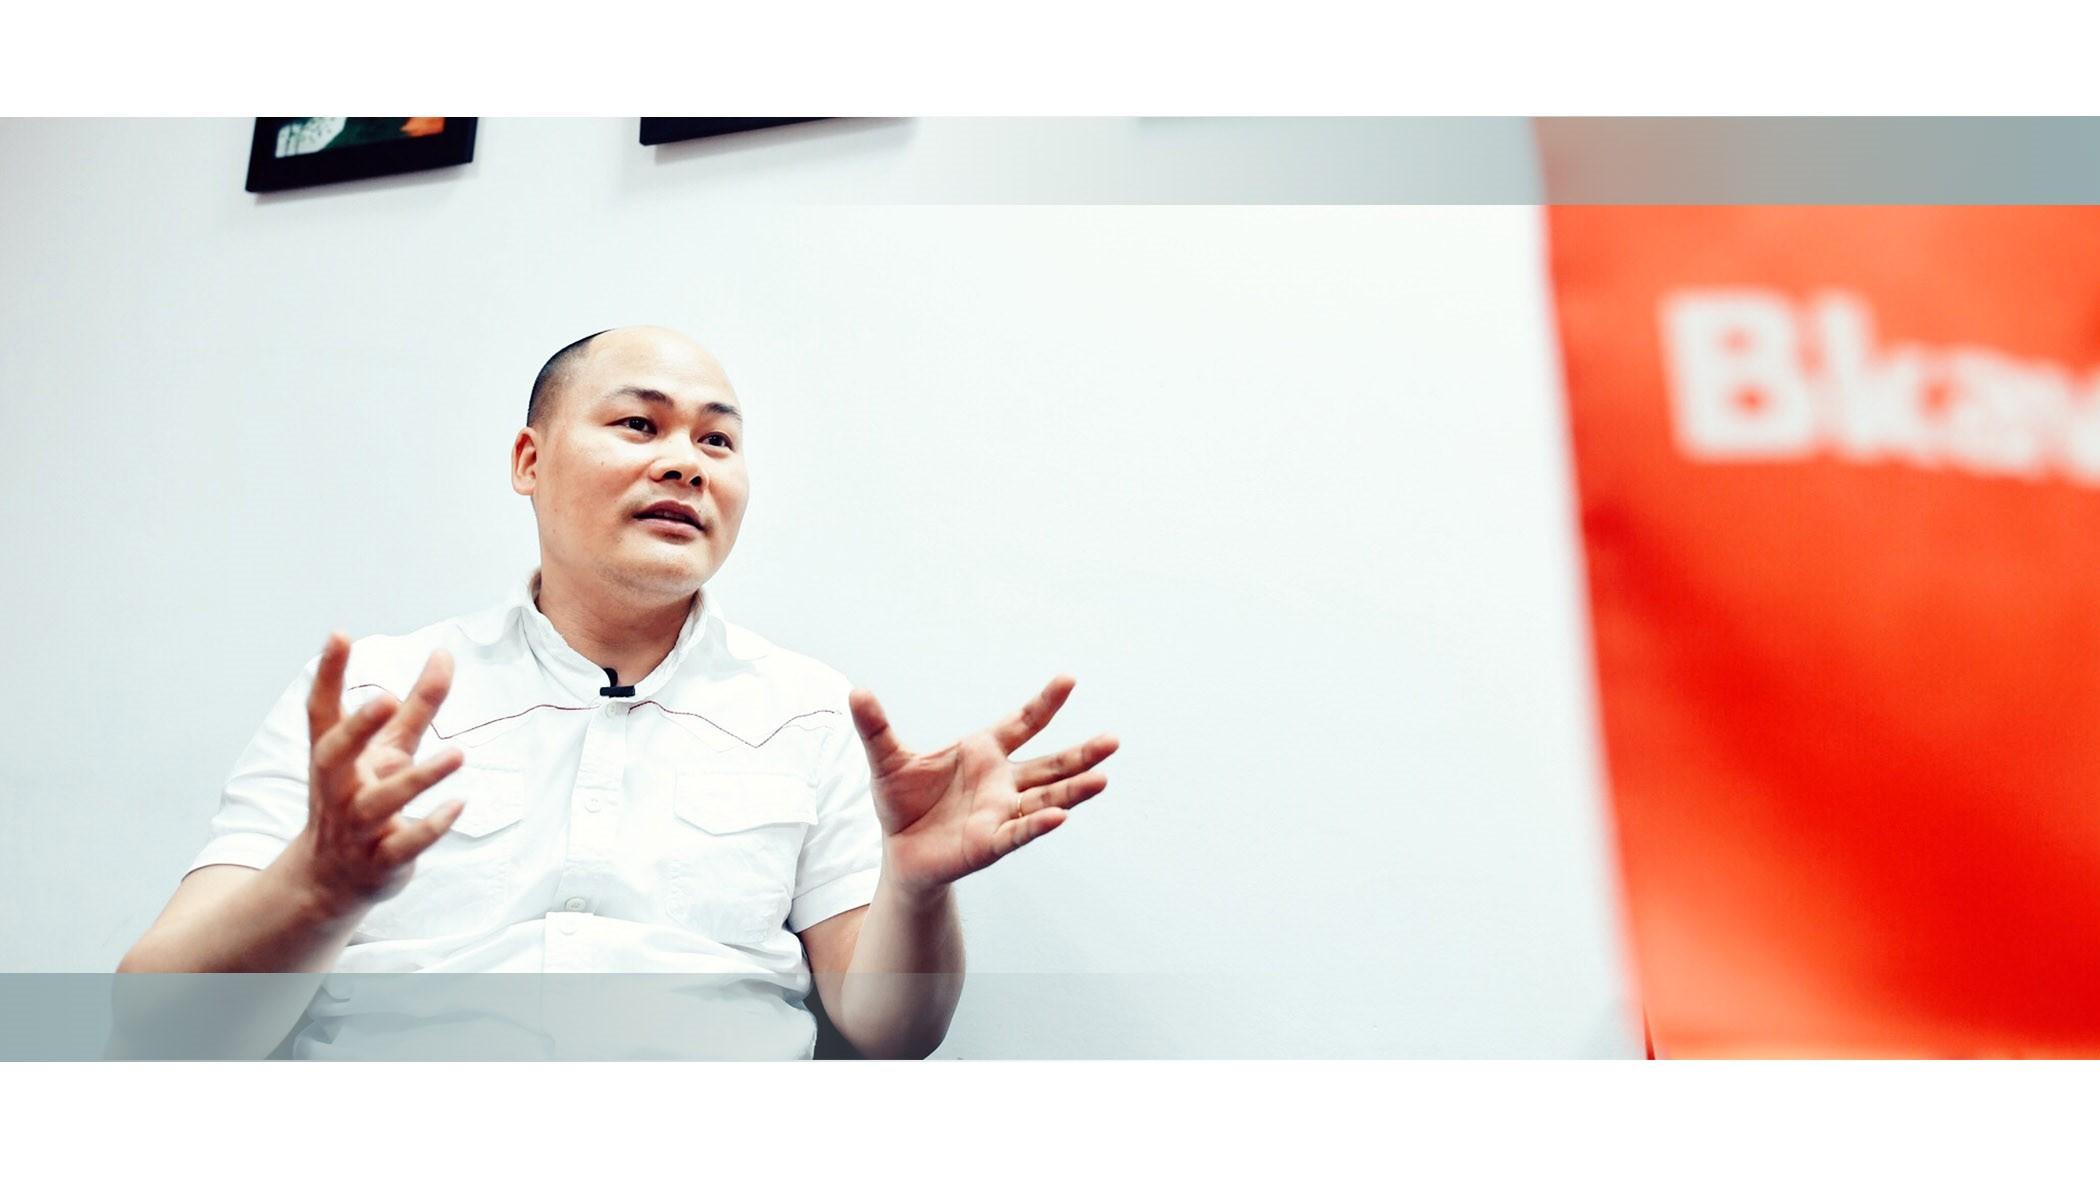 Nguyễn Tử Quảng: '2 tháng nữa sẽ công bố quyết định về Bphone